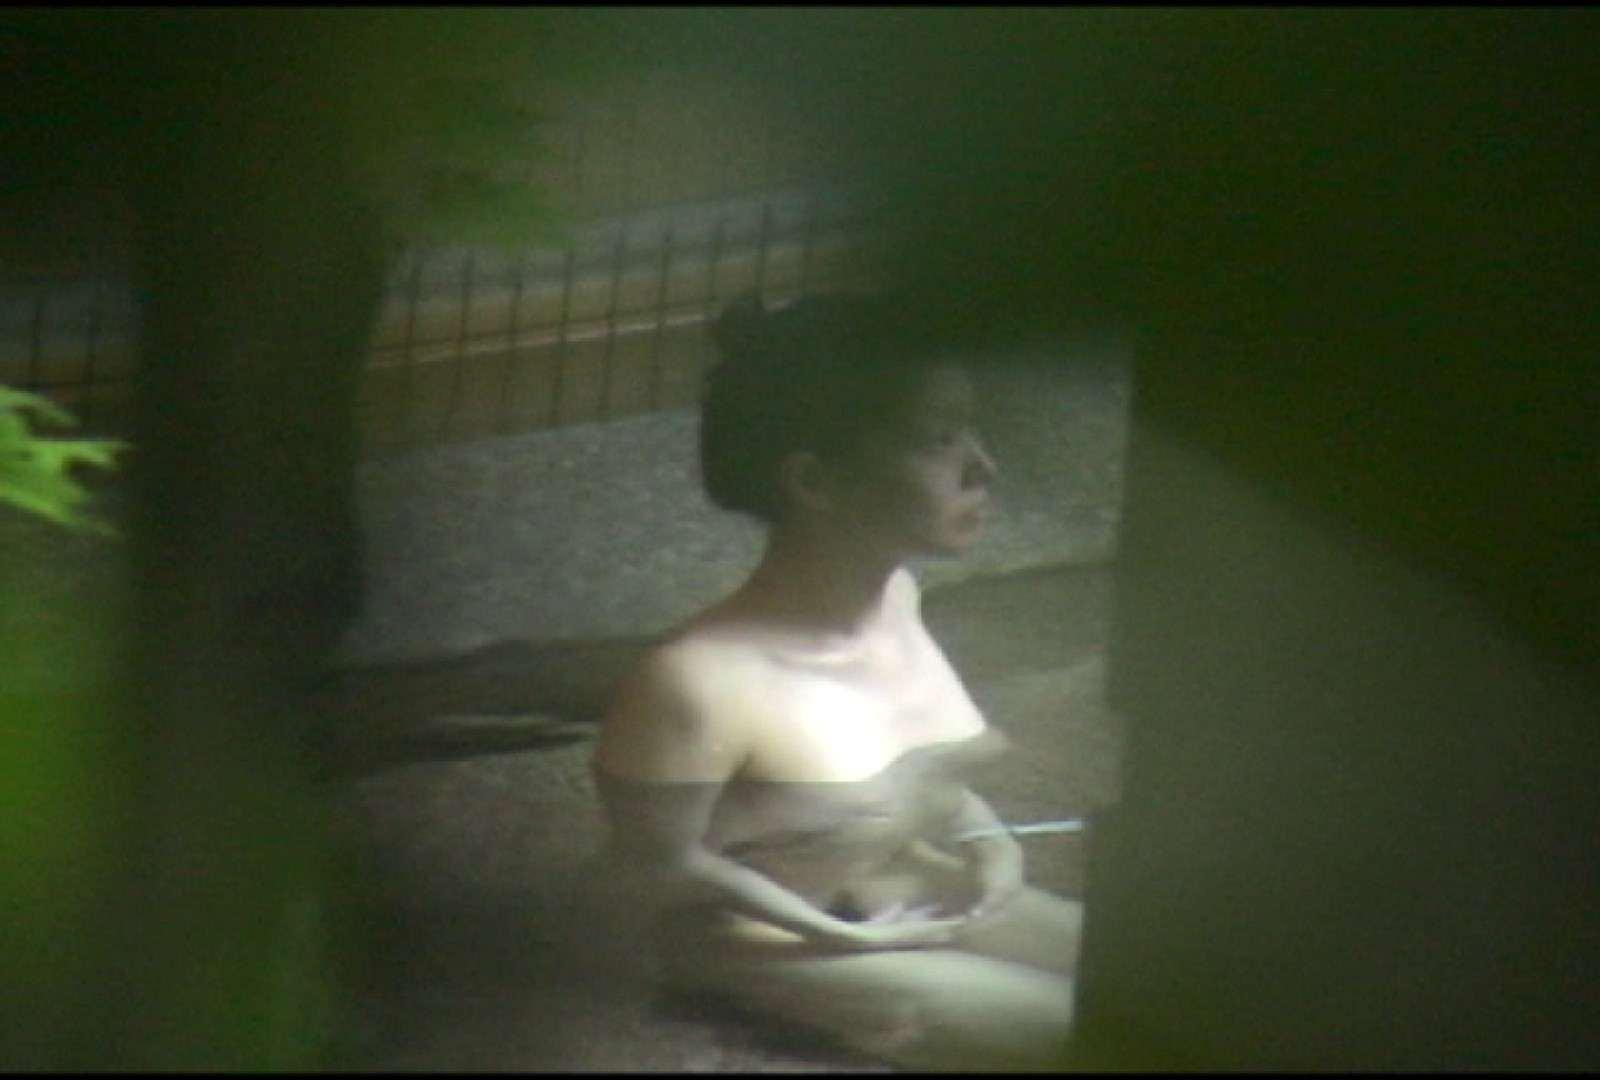 Aquaな露天風呂Vol.699 美しいOLの裸体  101pic 3